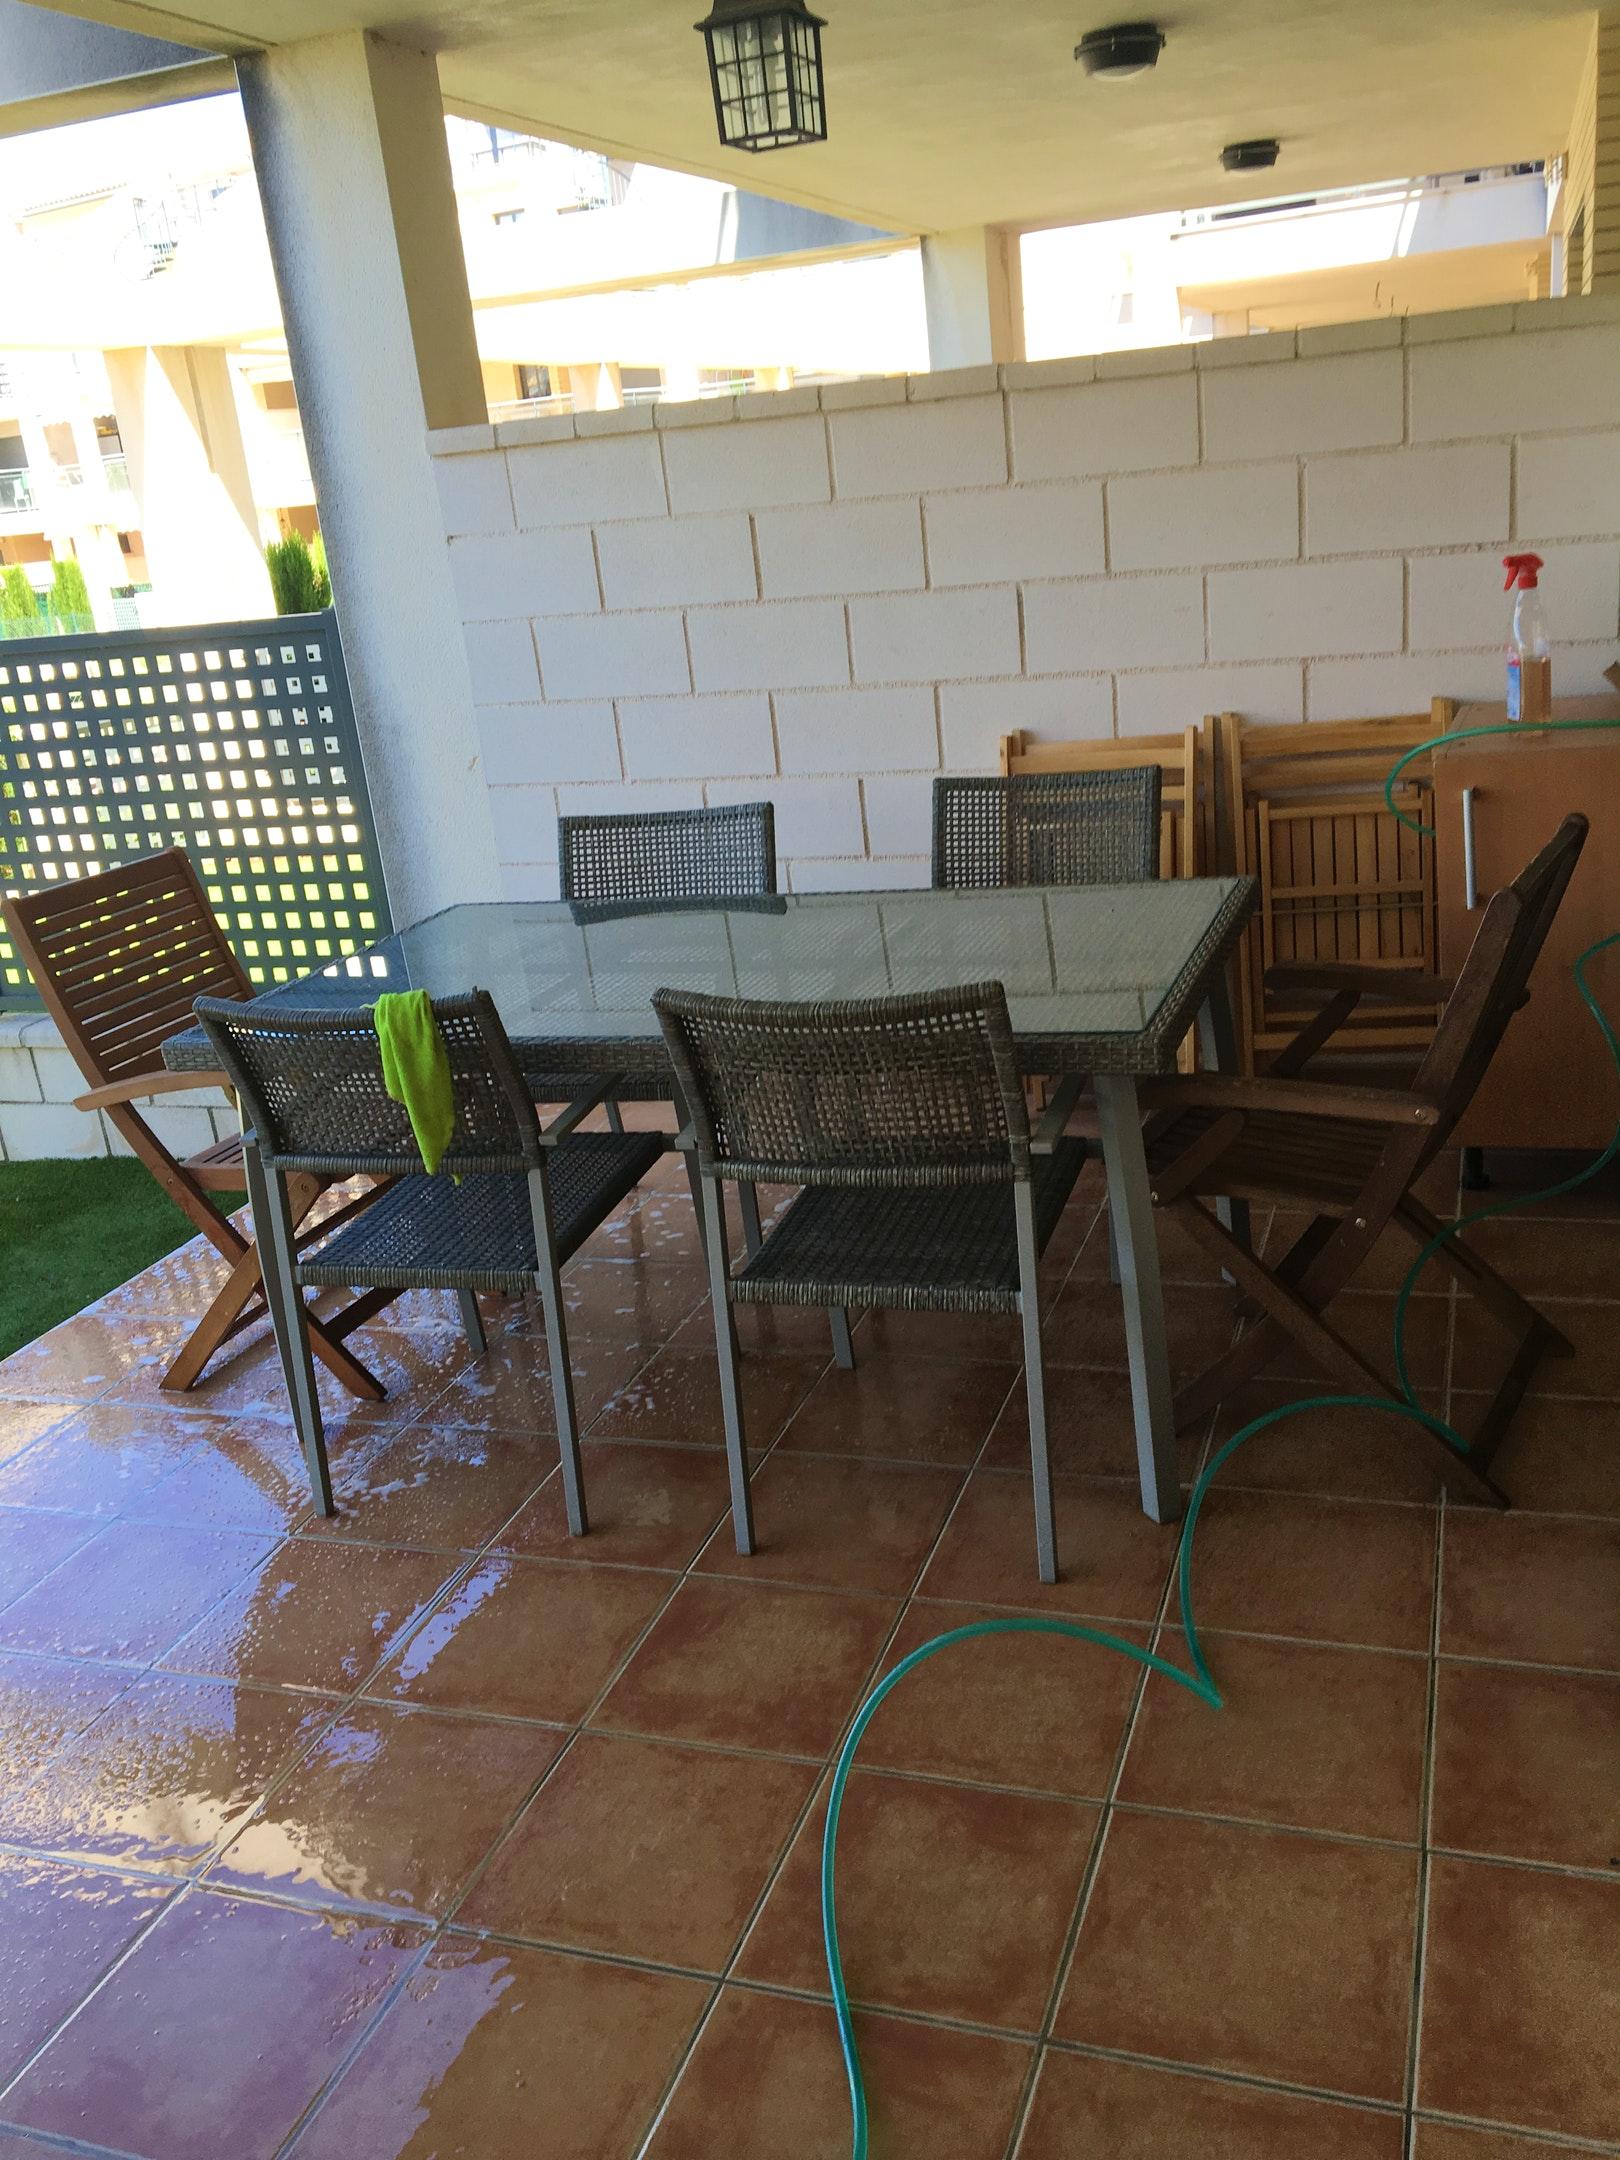 Ferienwohnung Wohnung mit 2 Schlafzimmern in San Jordi mit Pool, möblierter Terrasse und W-LAN - 25 km v (2218181), San Jorge, Provinz Castellón, Valencia, Spanien, Bild 3